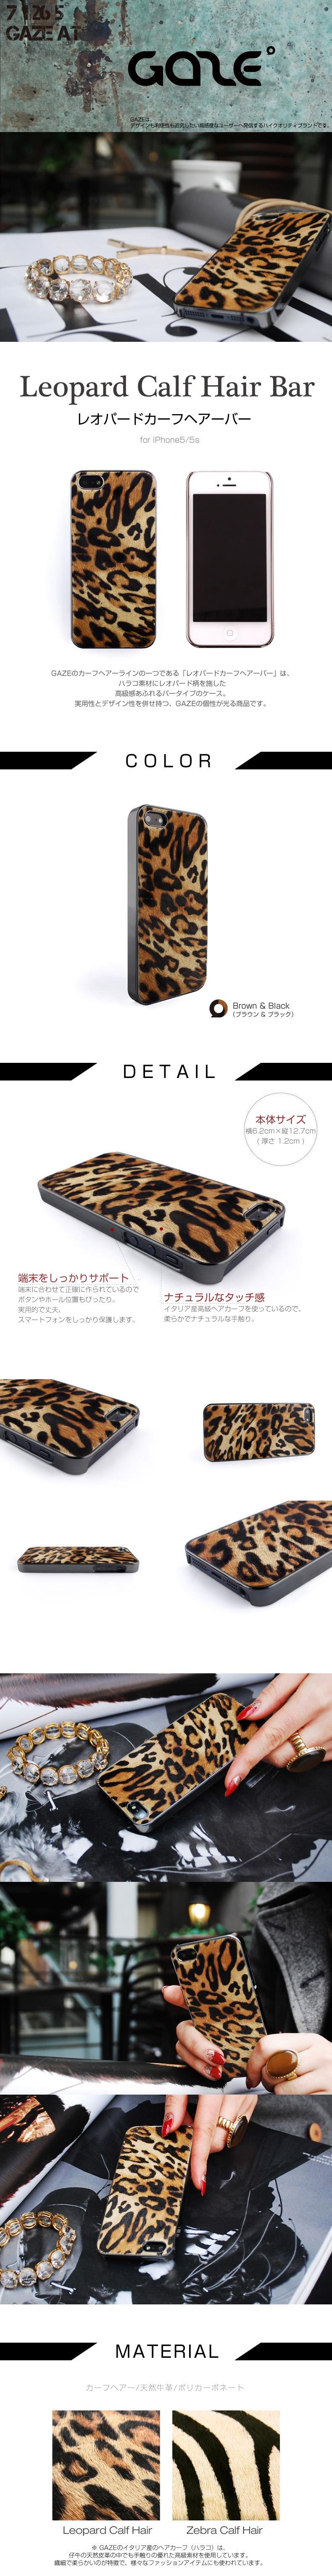 商品詳細iPhone5/5sLeopard Calf Hair Bar (レオパードカーフヘアーバー)